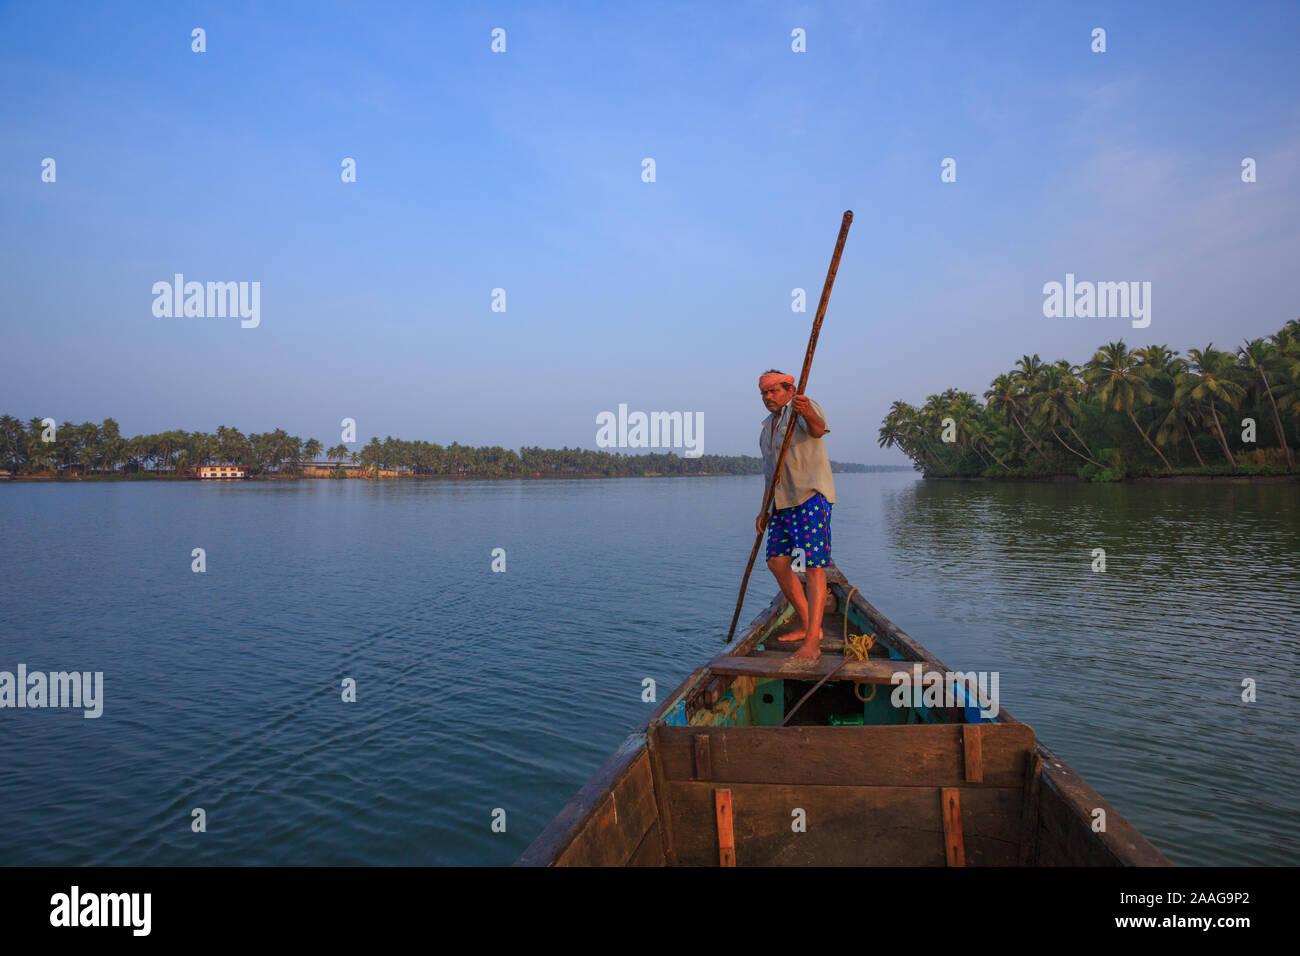 Batelier pousse son bateau avec une rame de bambou dans la rivière serein Suvarna (liste, Karnataka, Inde) Banque D'Images